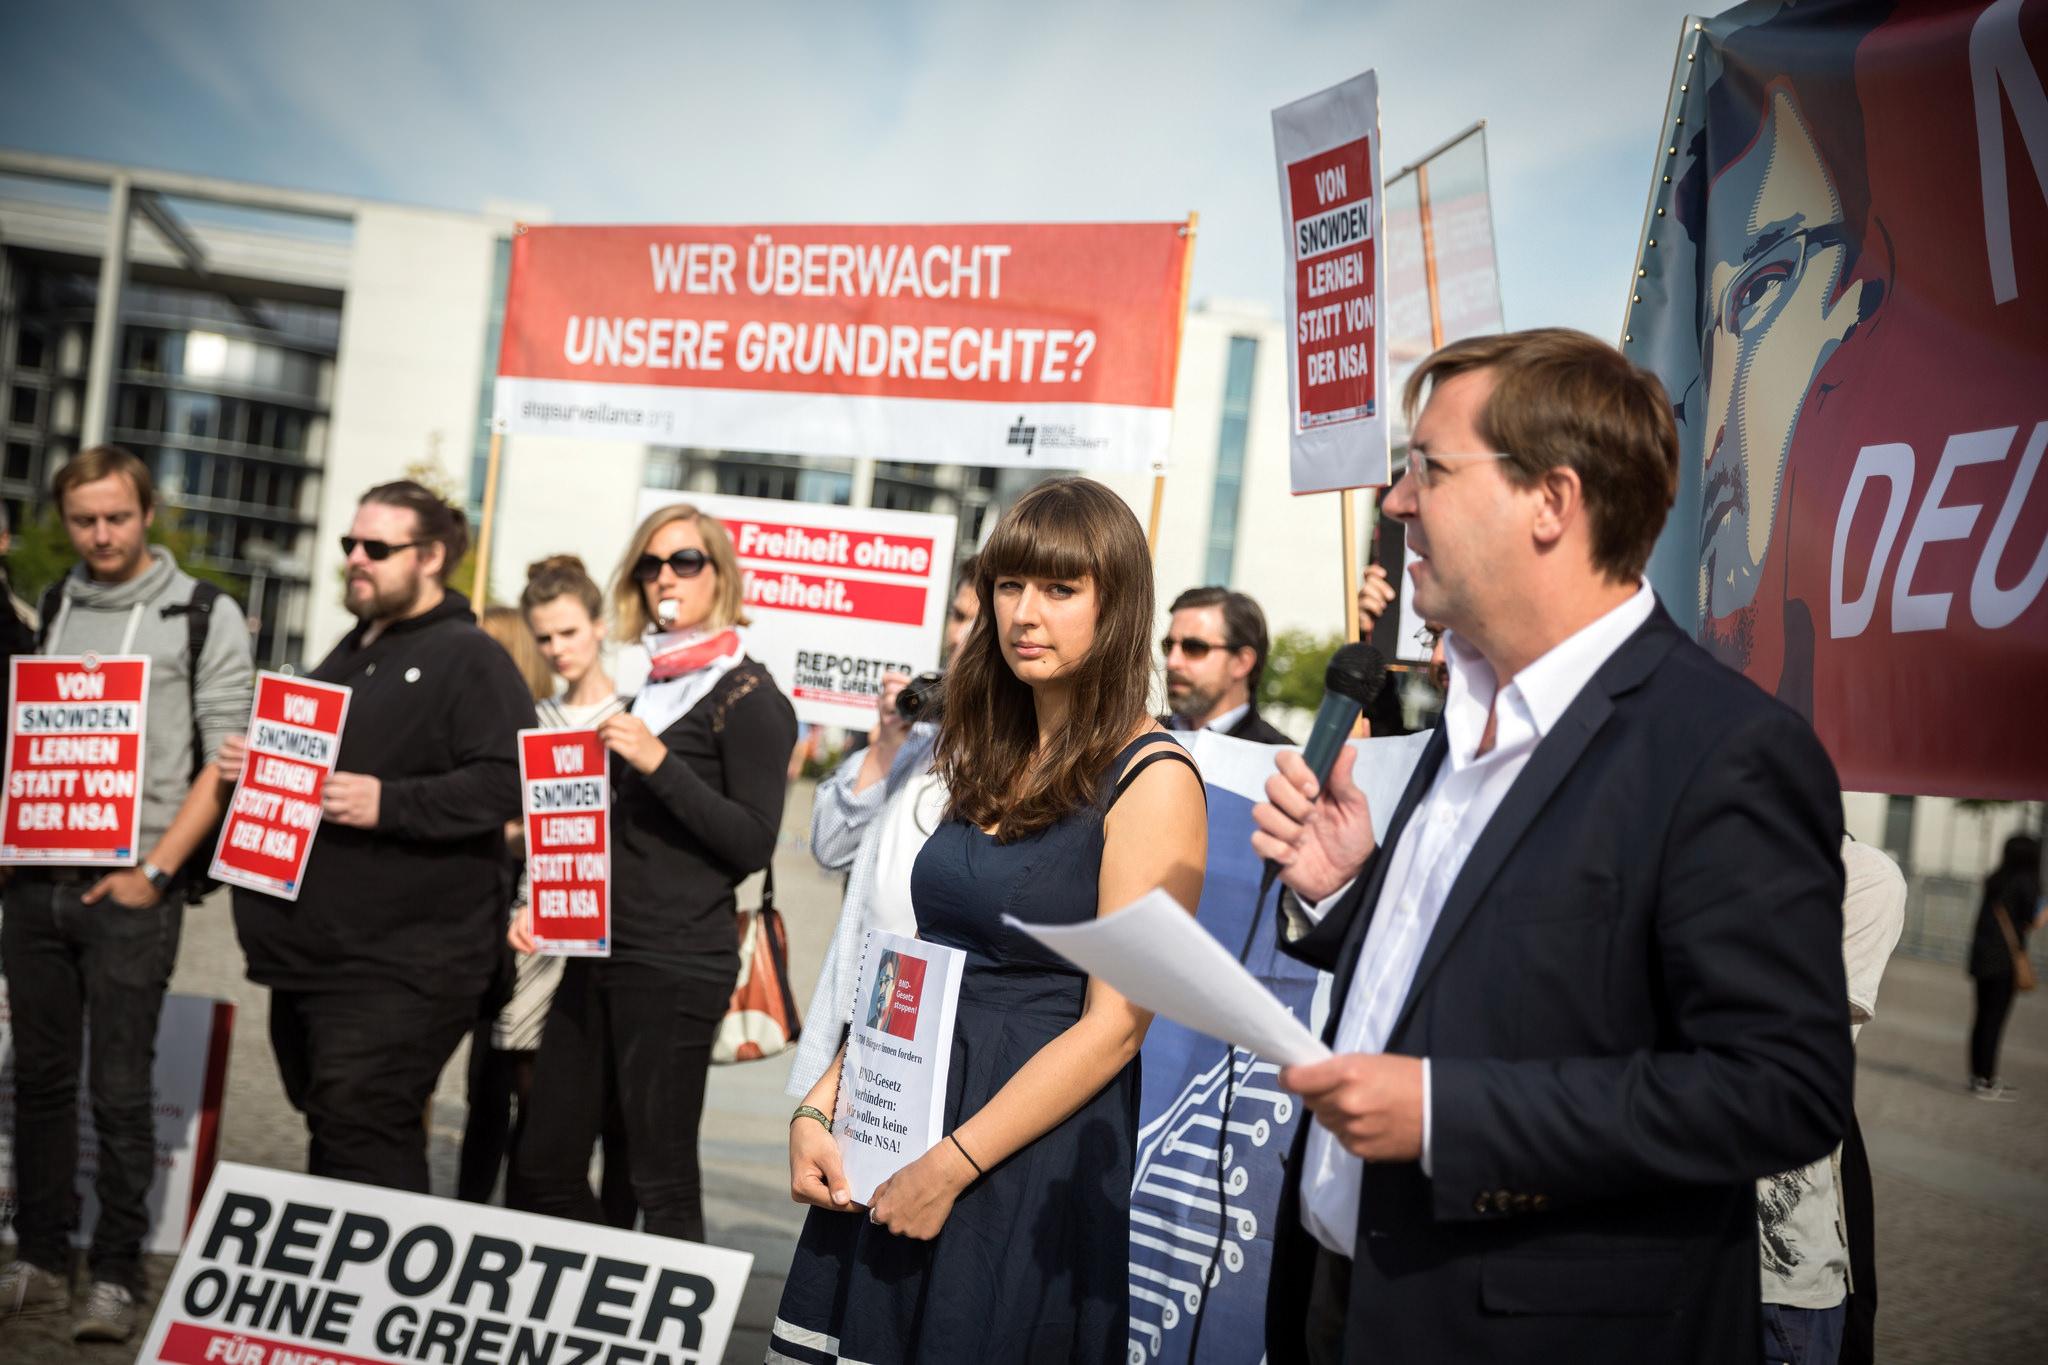 Tagesschau: Breiter Protest gegen das BND-Gesetz